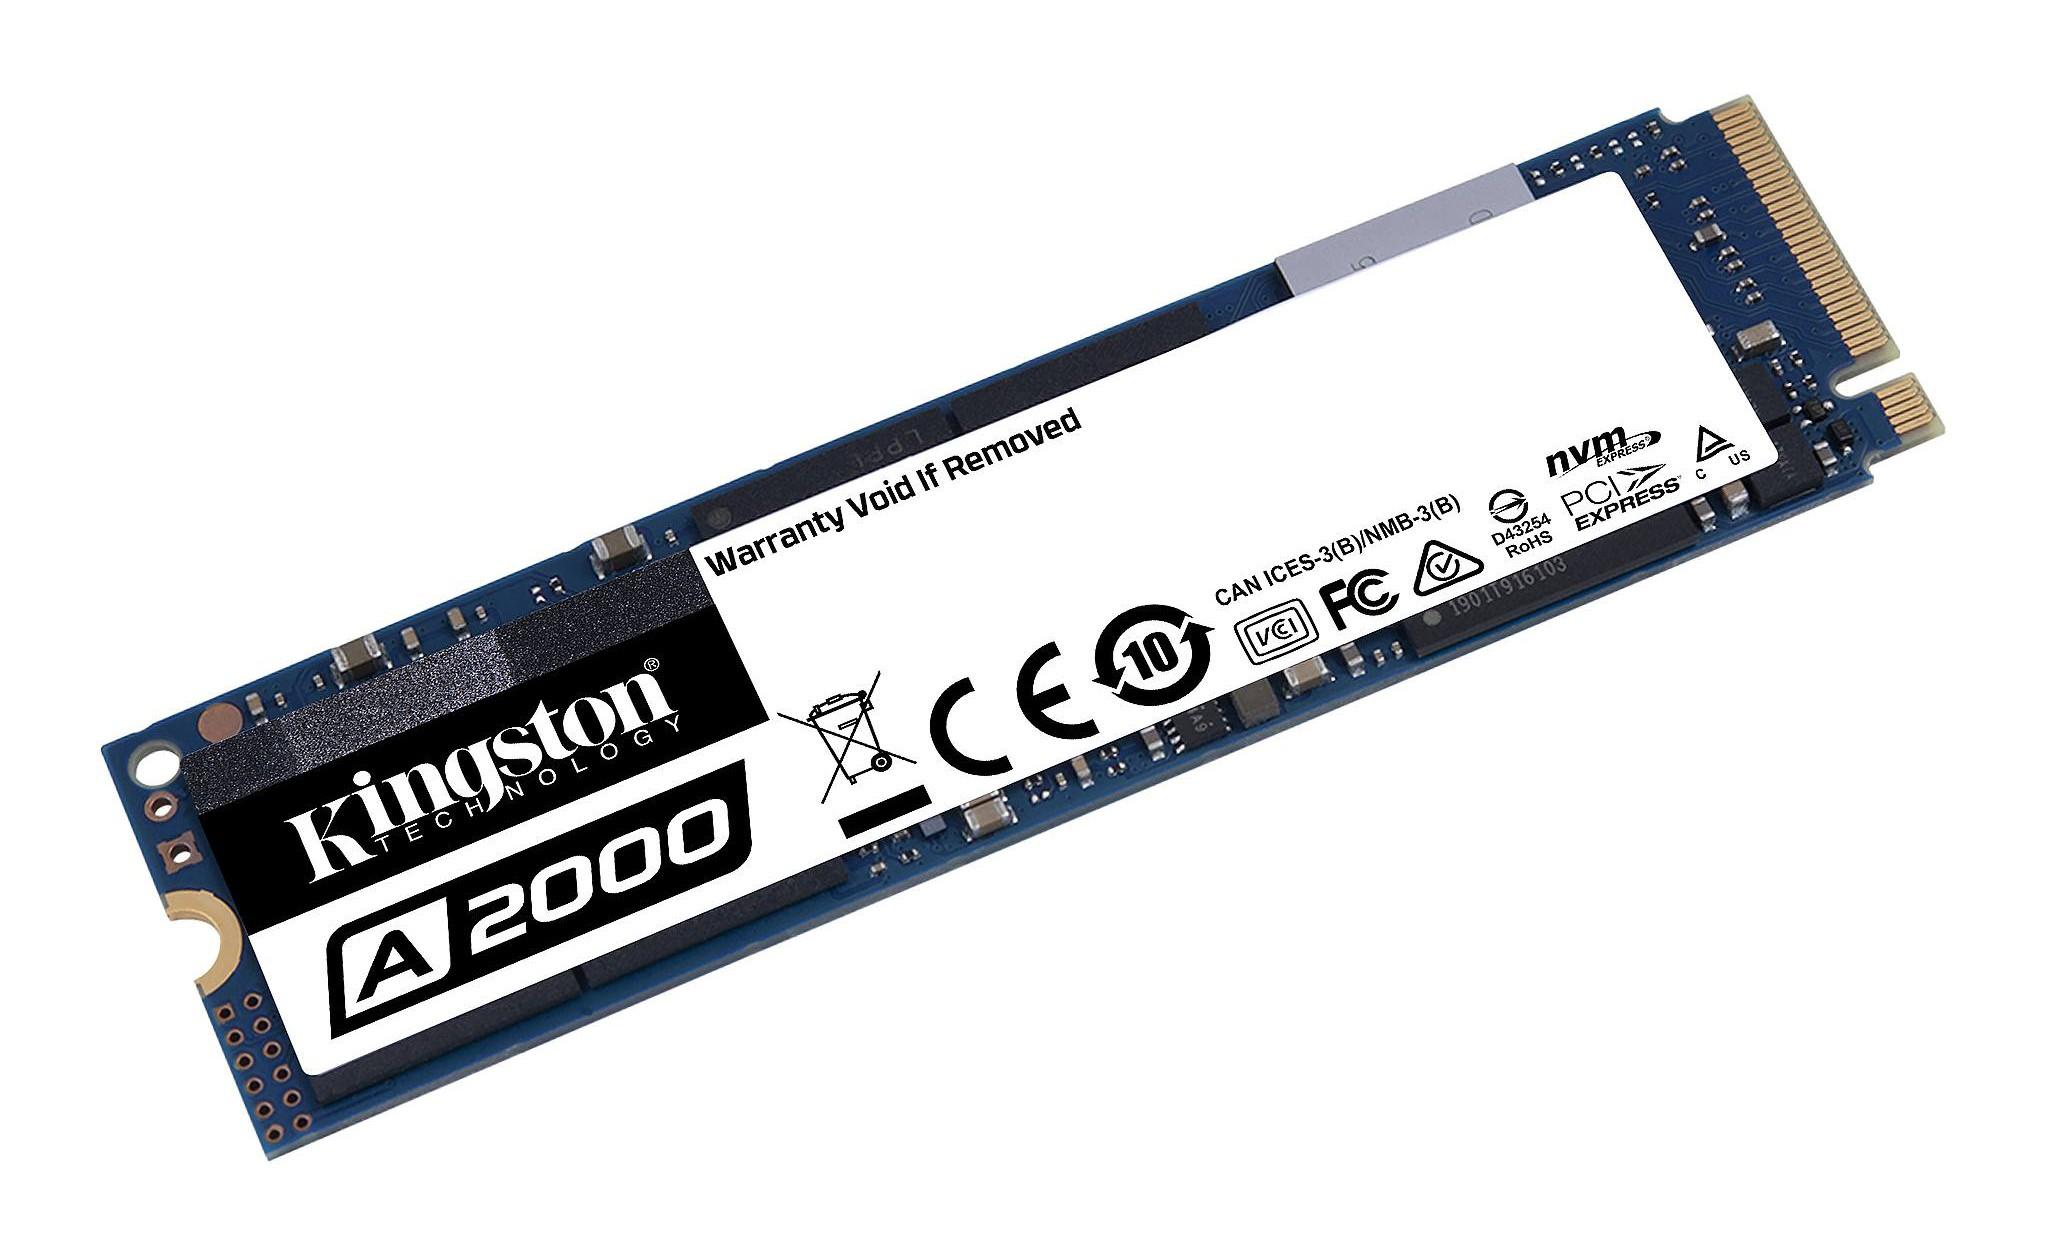 Kingston A2000M8 250GB là ổ tự mã hóa giúp bảo vệ dữ liệu